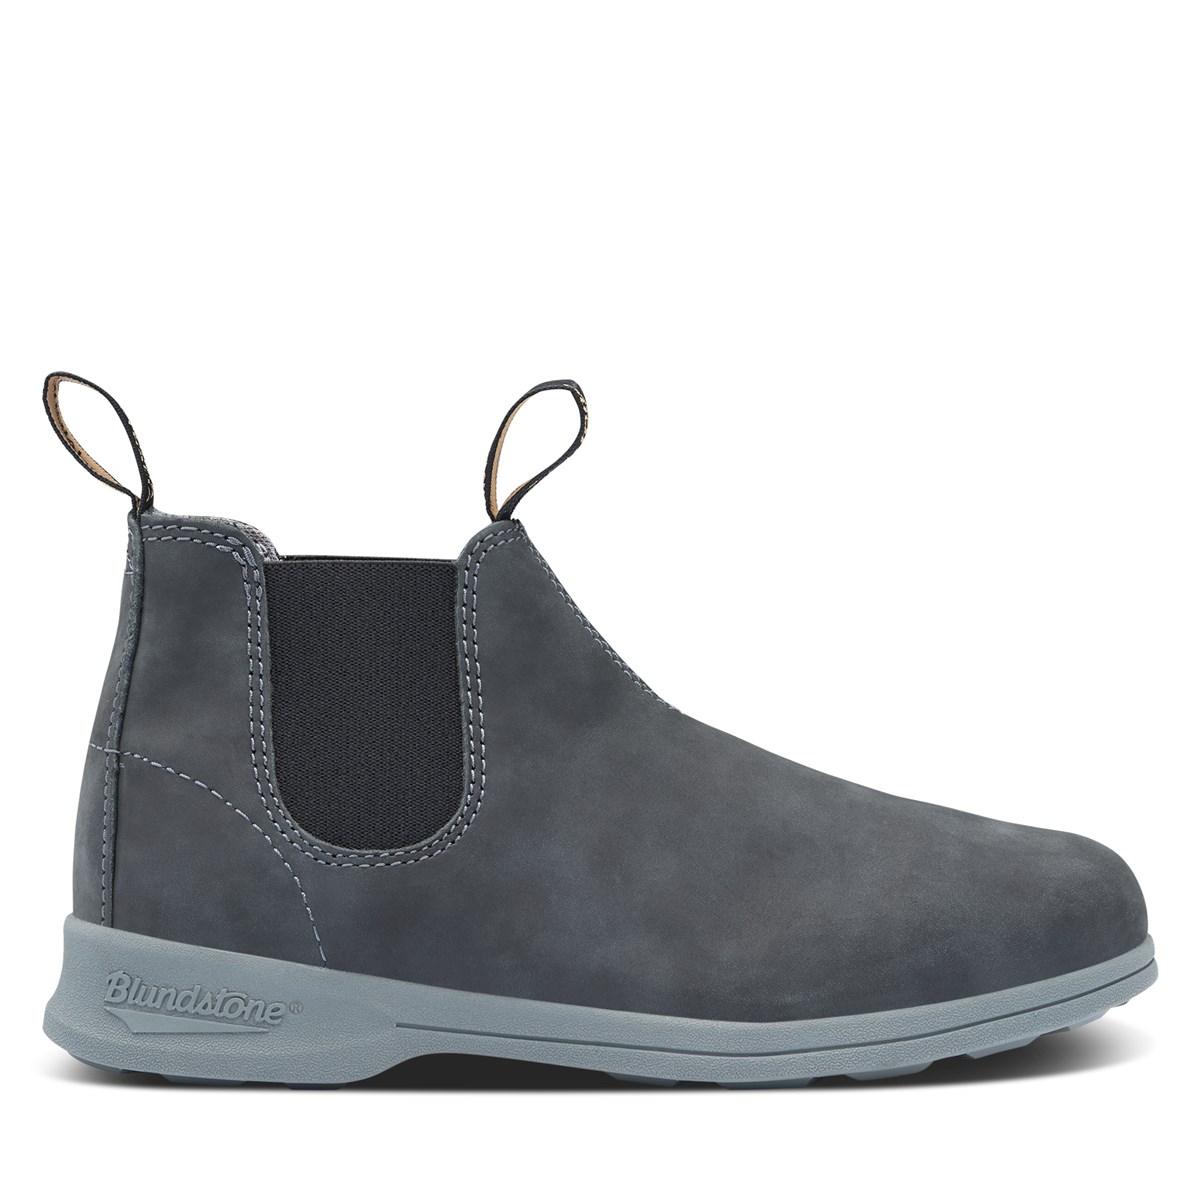 Women's 1398 Chelsea Boots in Grey